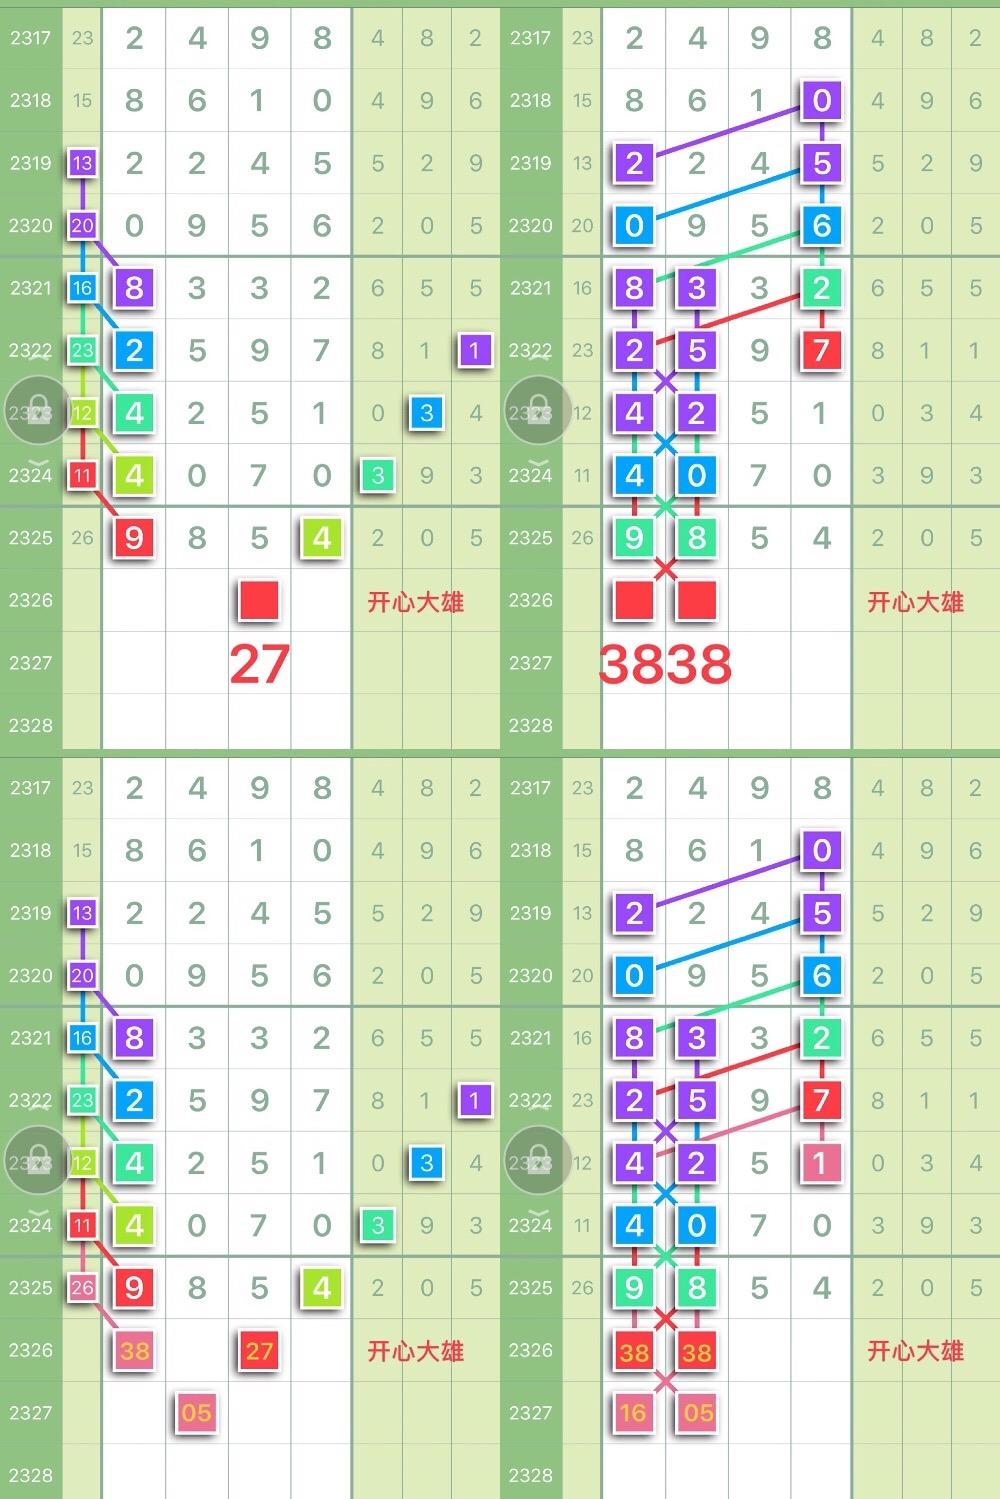 5578D976-313B-441E-B801-1C9C19E1857F.jpeg